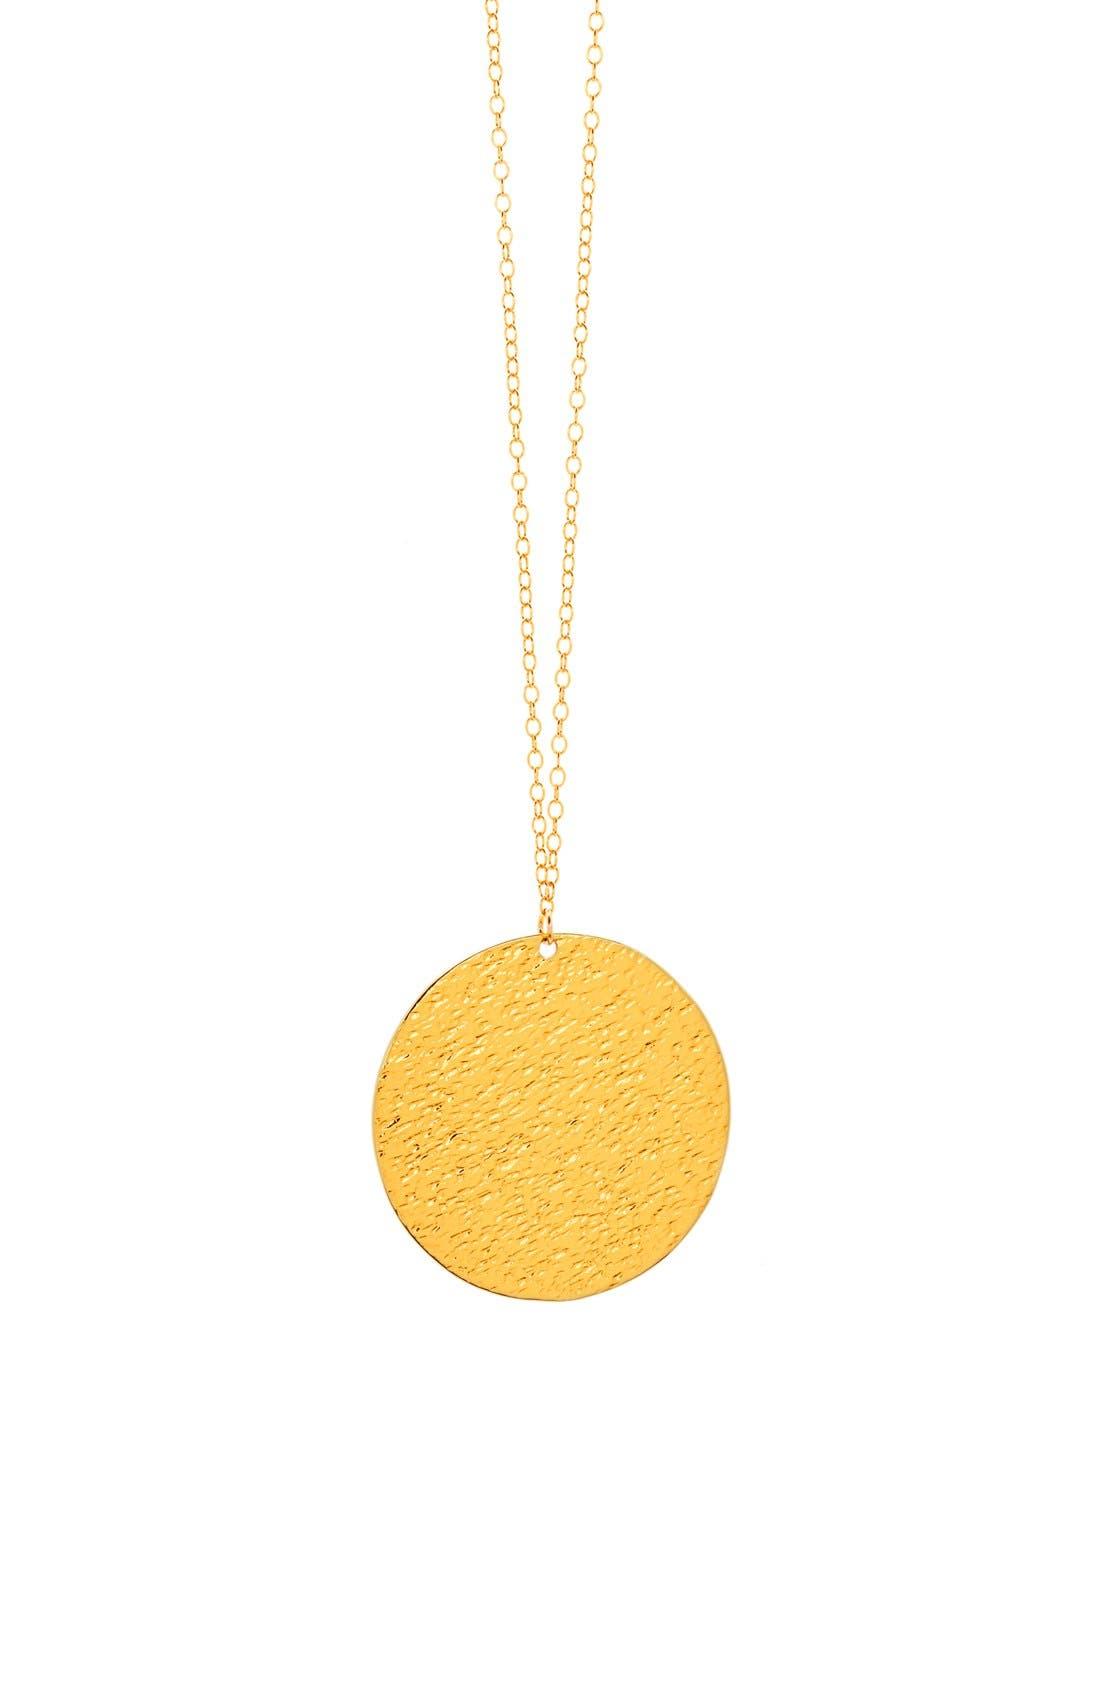 Alternate Image 1 Selected - gorjana 'Faye' Pendant Necklace